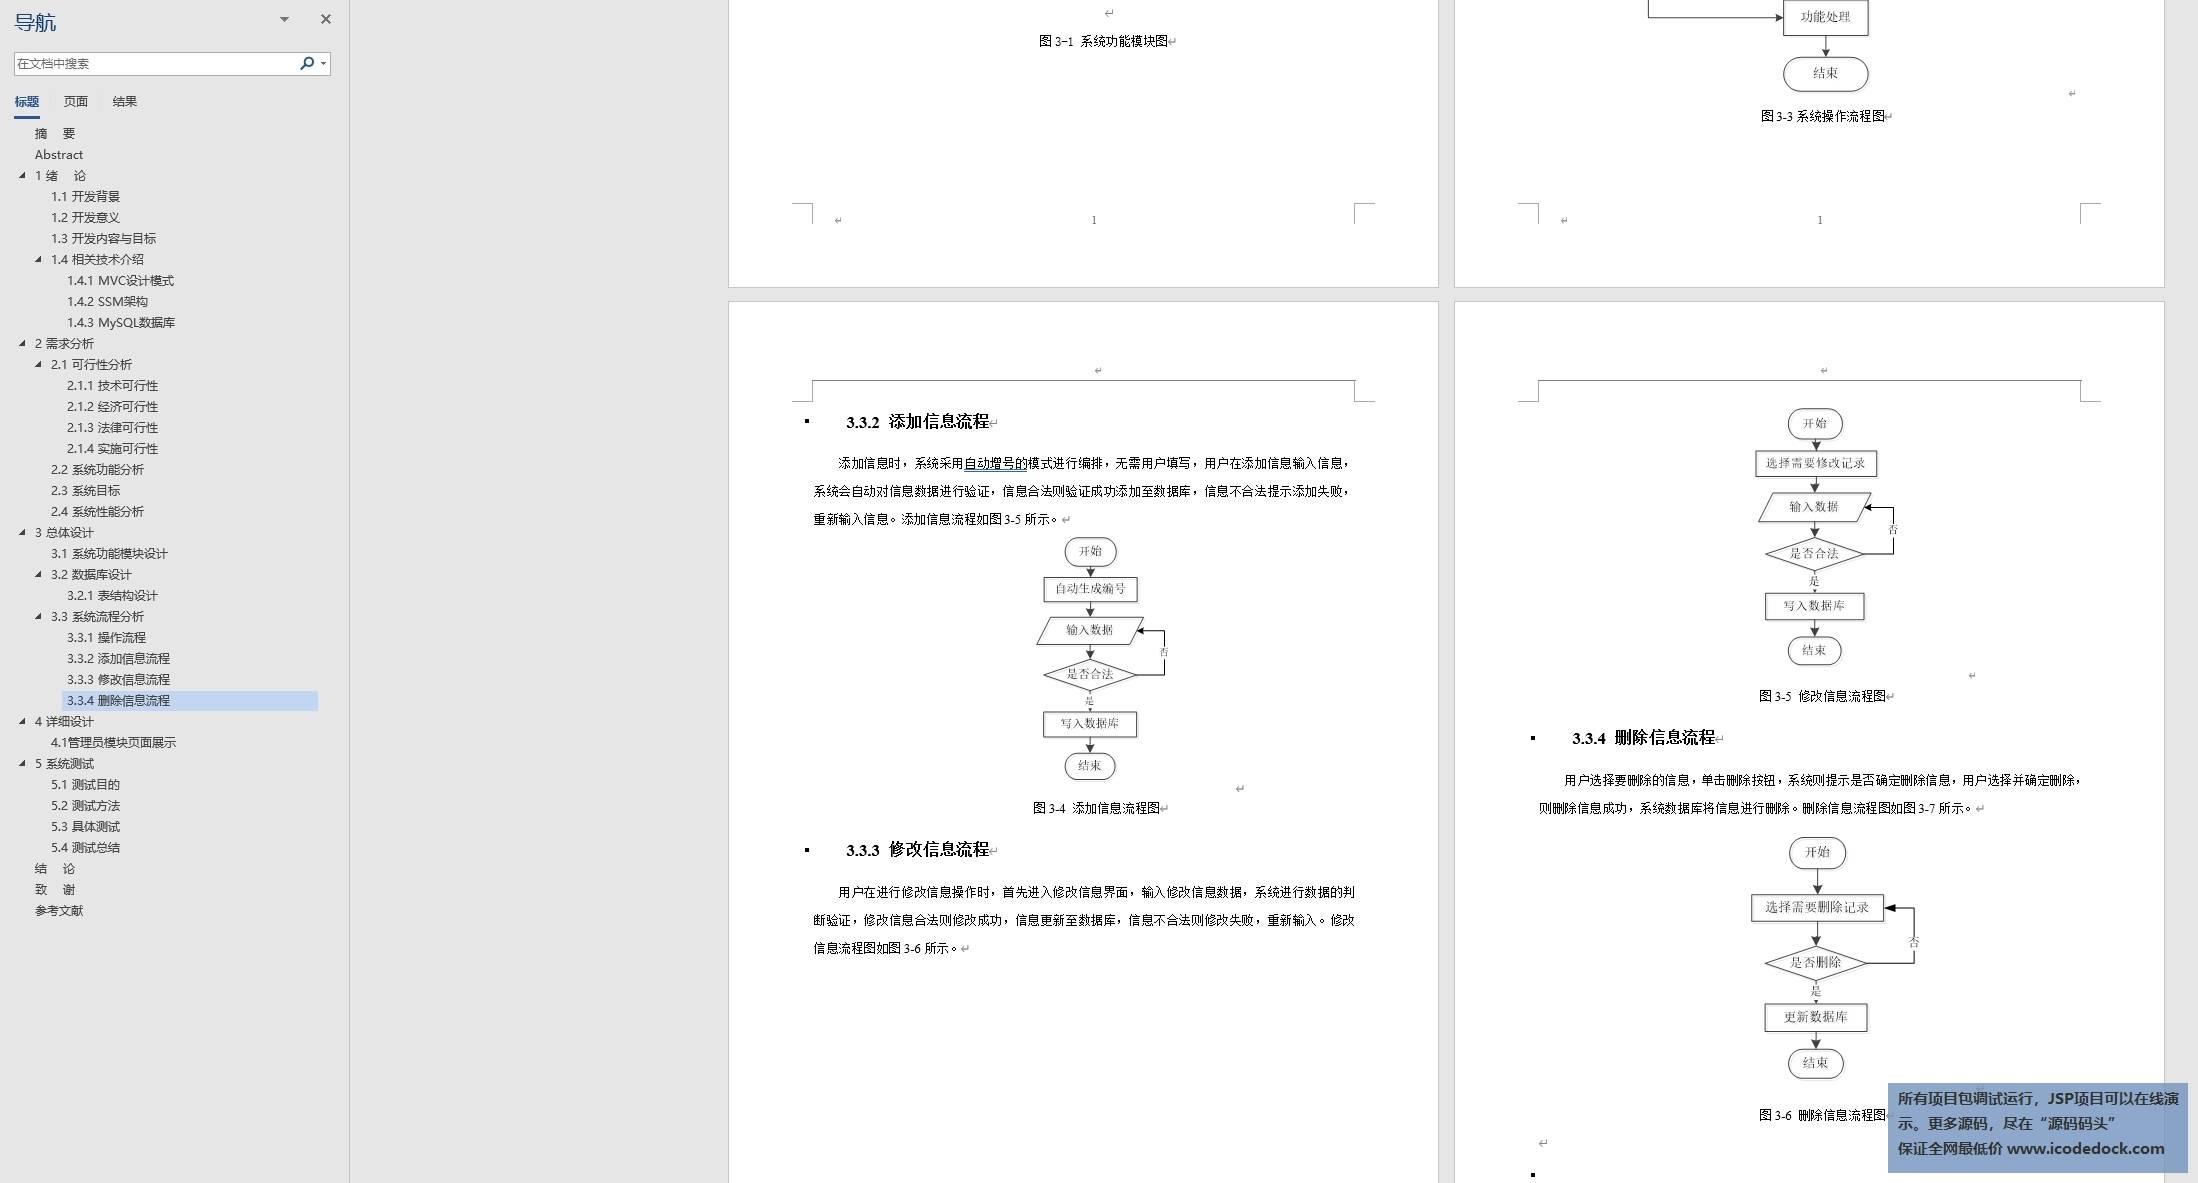 源码码头-SSM幼儿园信息管理系统-设计文稿-论文截图